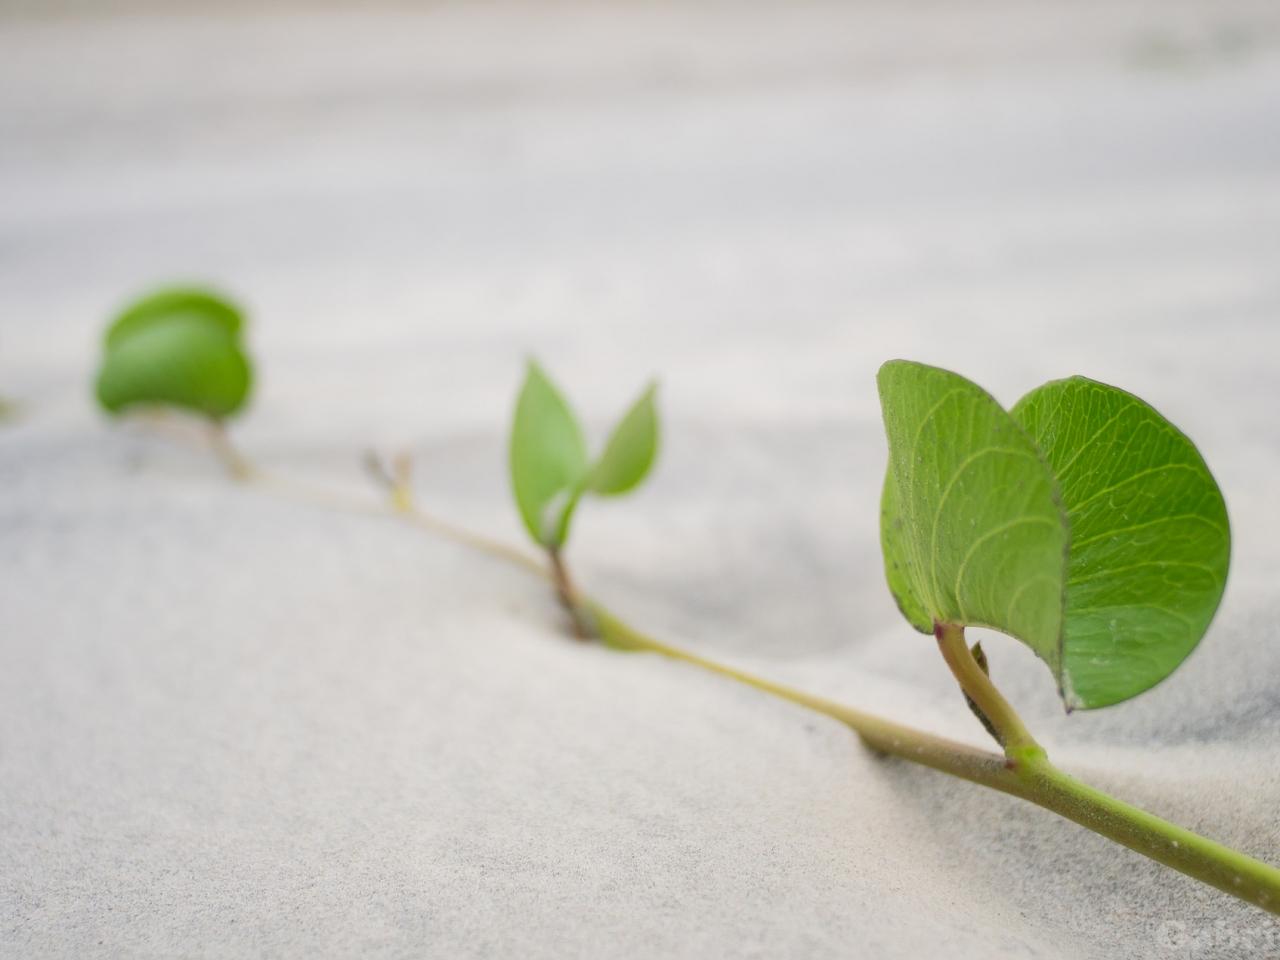 Hojas de plantas en la arena - 1280x960